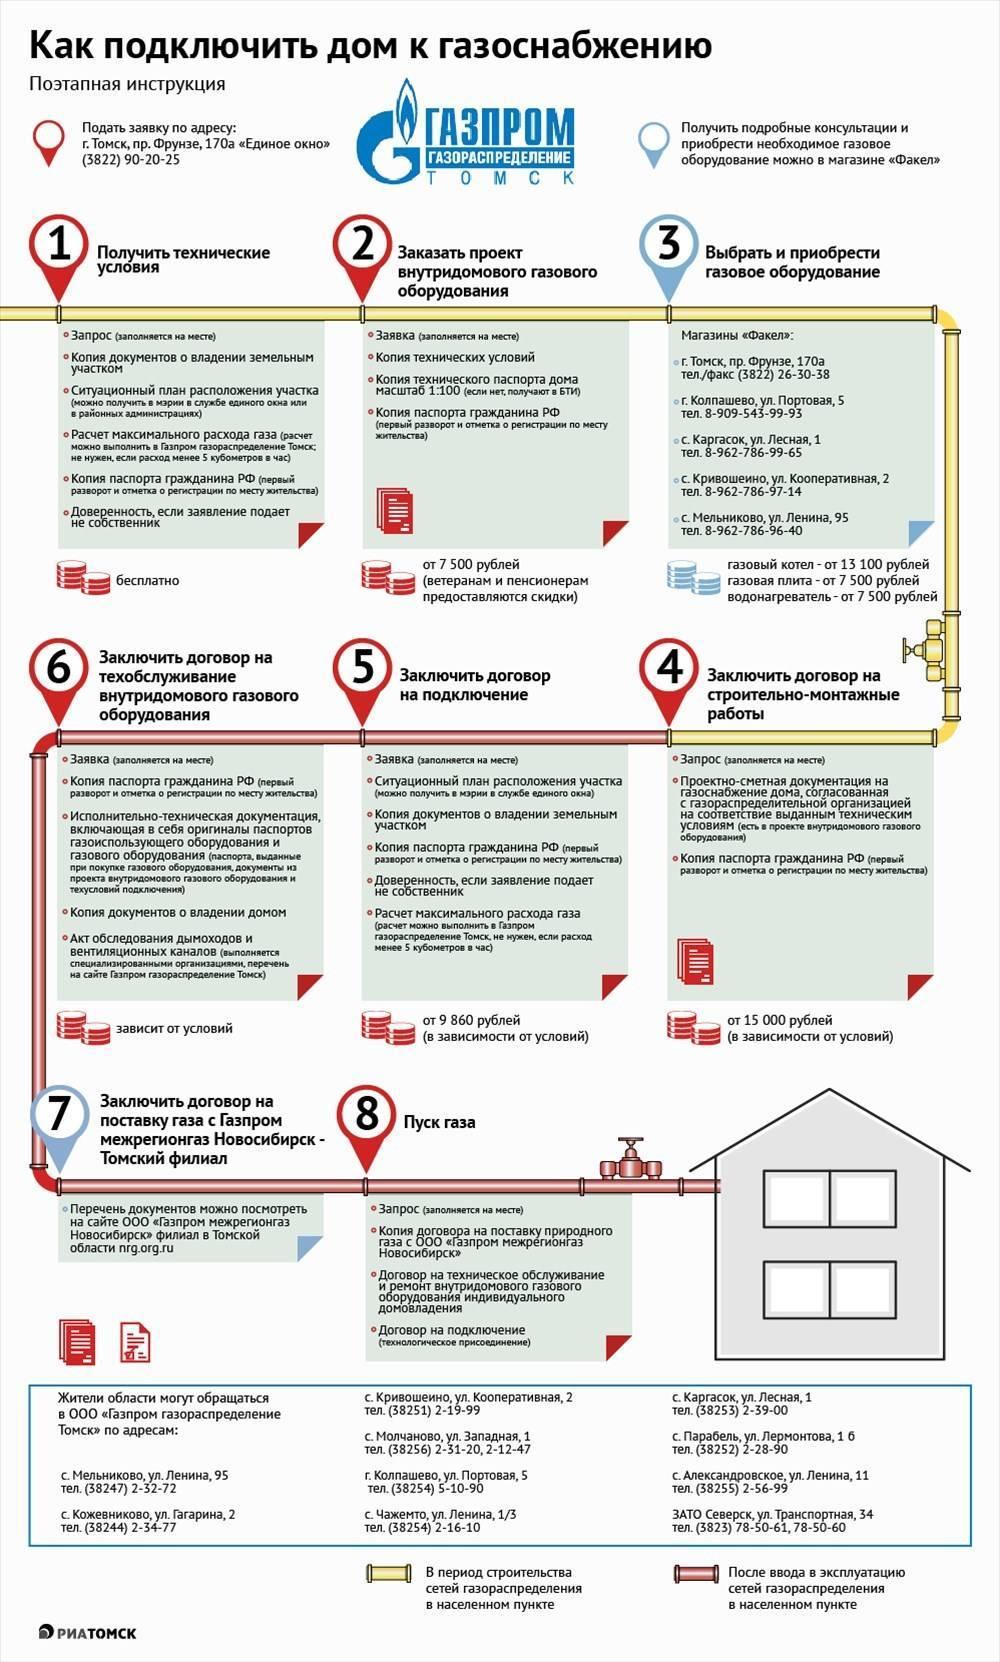 Правила подключения к сетям газораспределения 1314 – все о газоснабжении